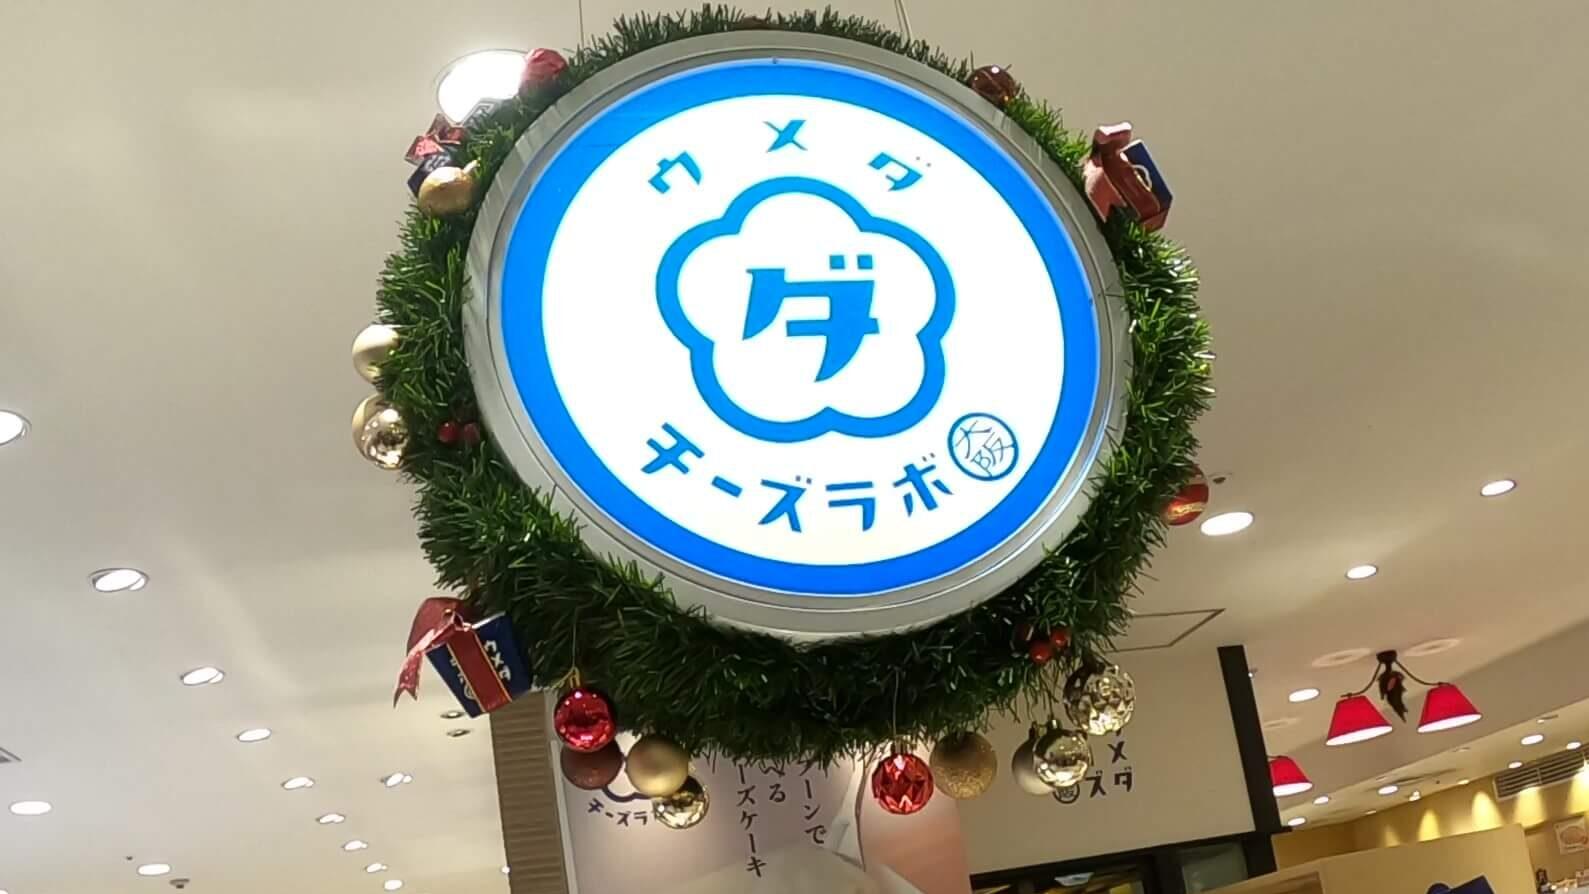 大丸梅田 ウメダチーズラボ